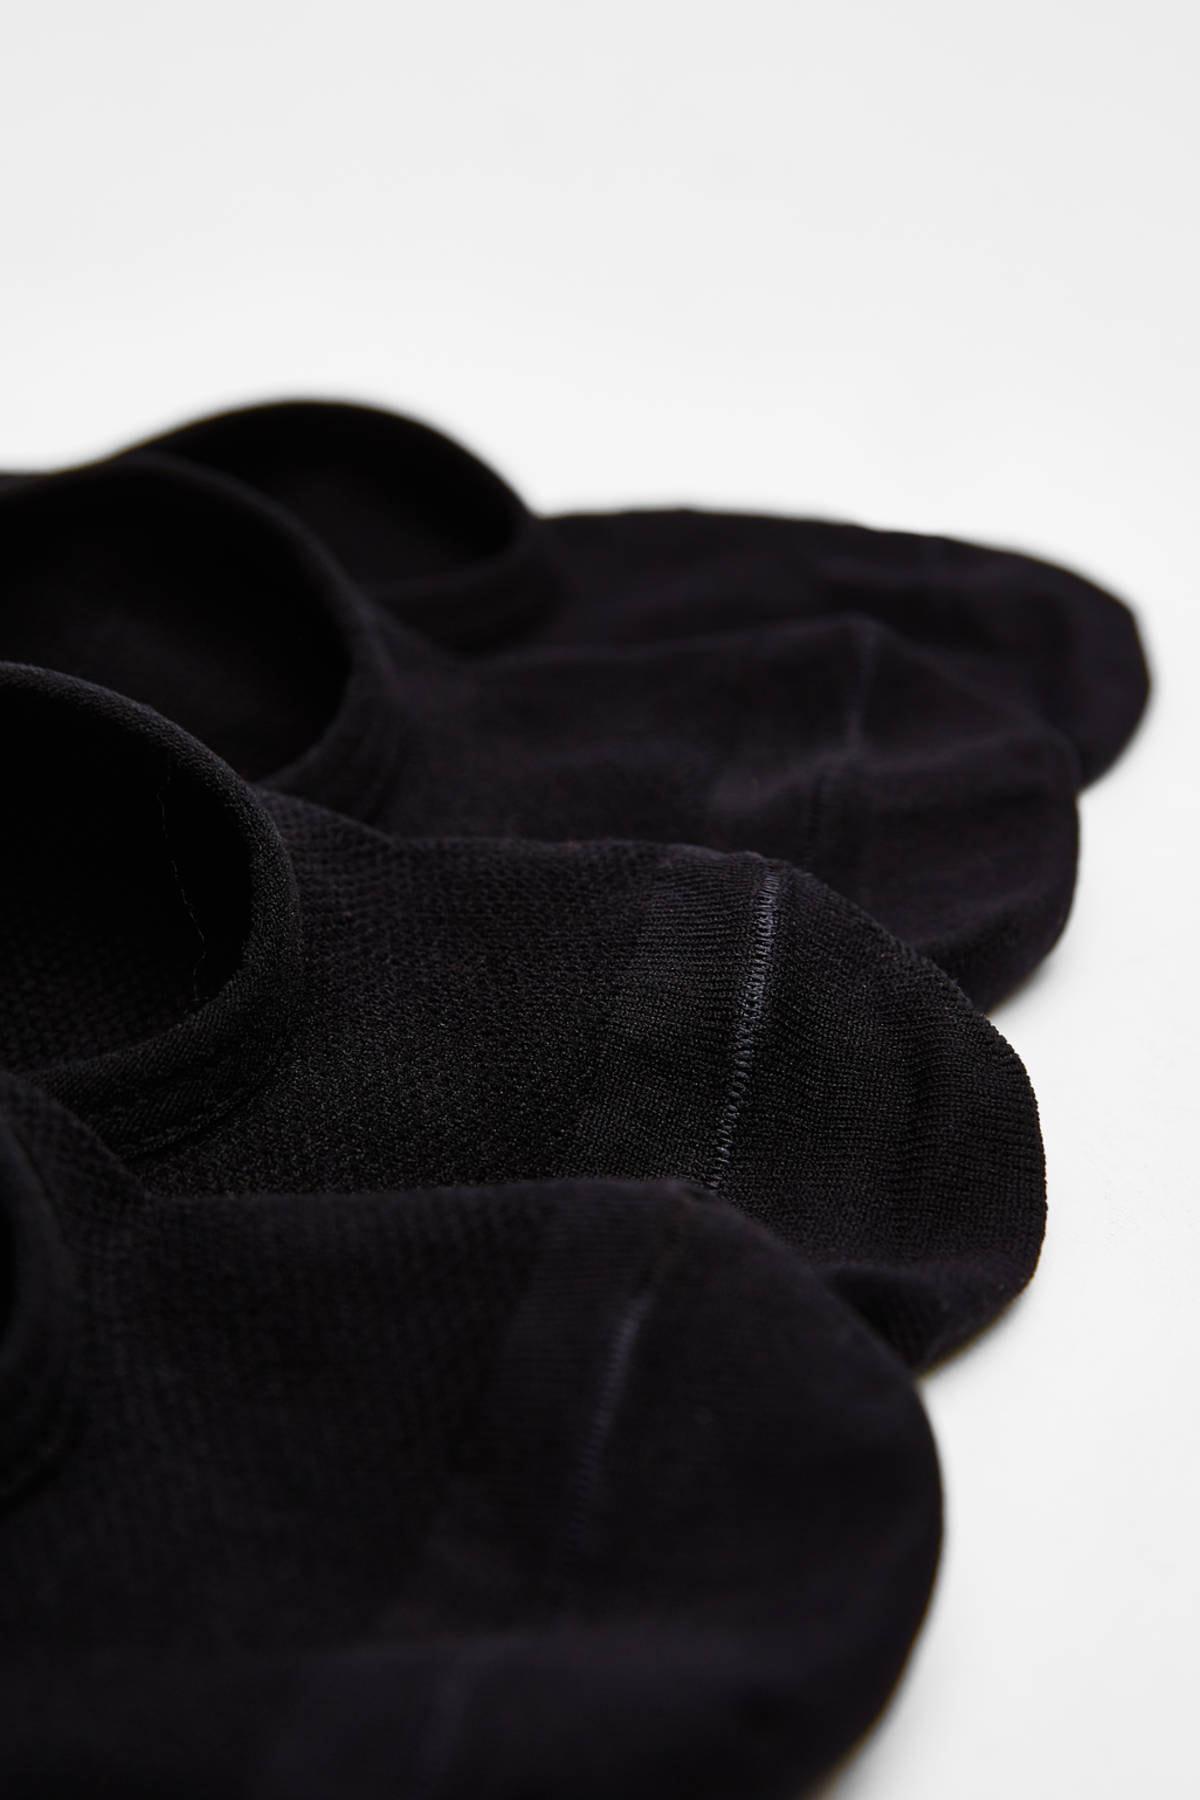 Bershka Kadın Siyah 3'Lü Babet Çorap Paketi 04156607